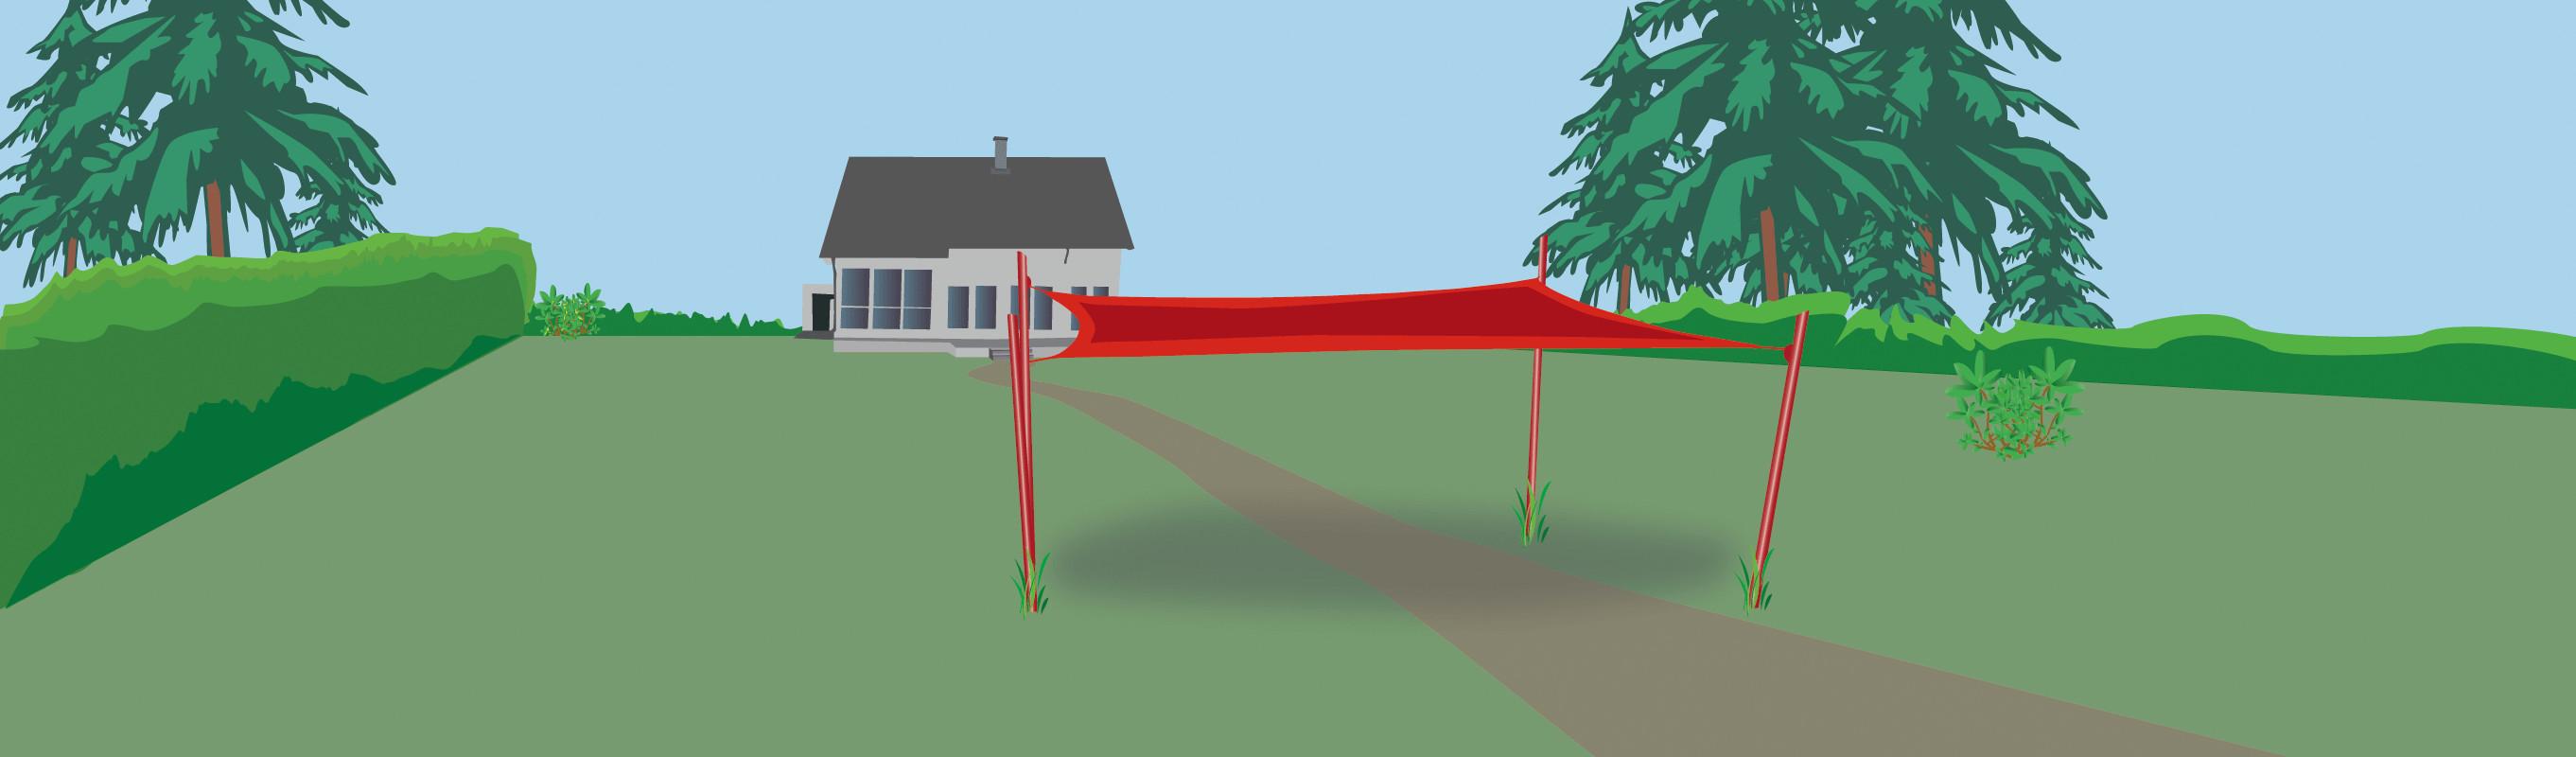 Sonnenschutz Fur Terrasse Selber Bauen Inspiration